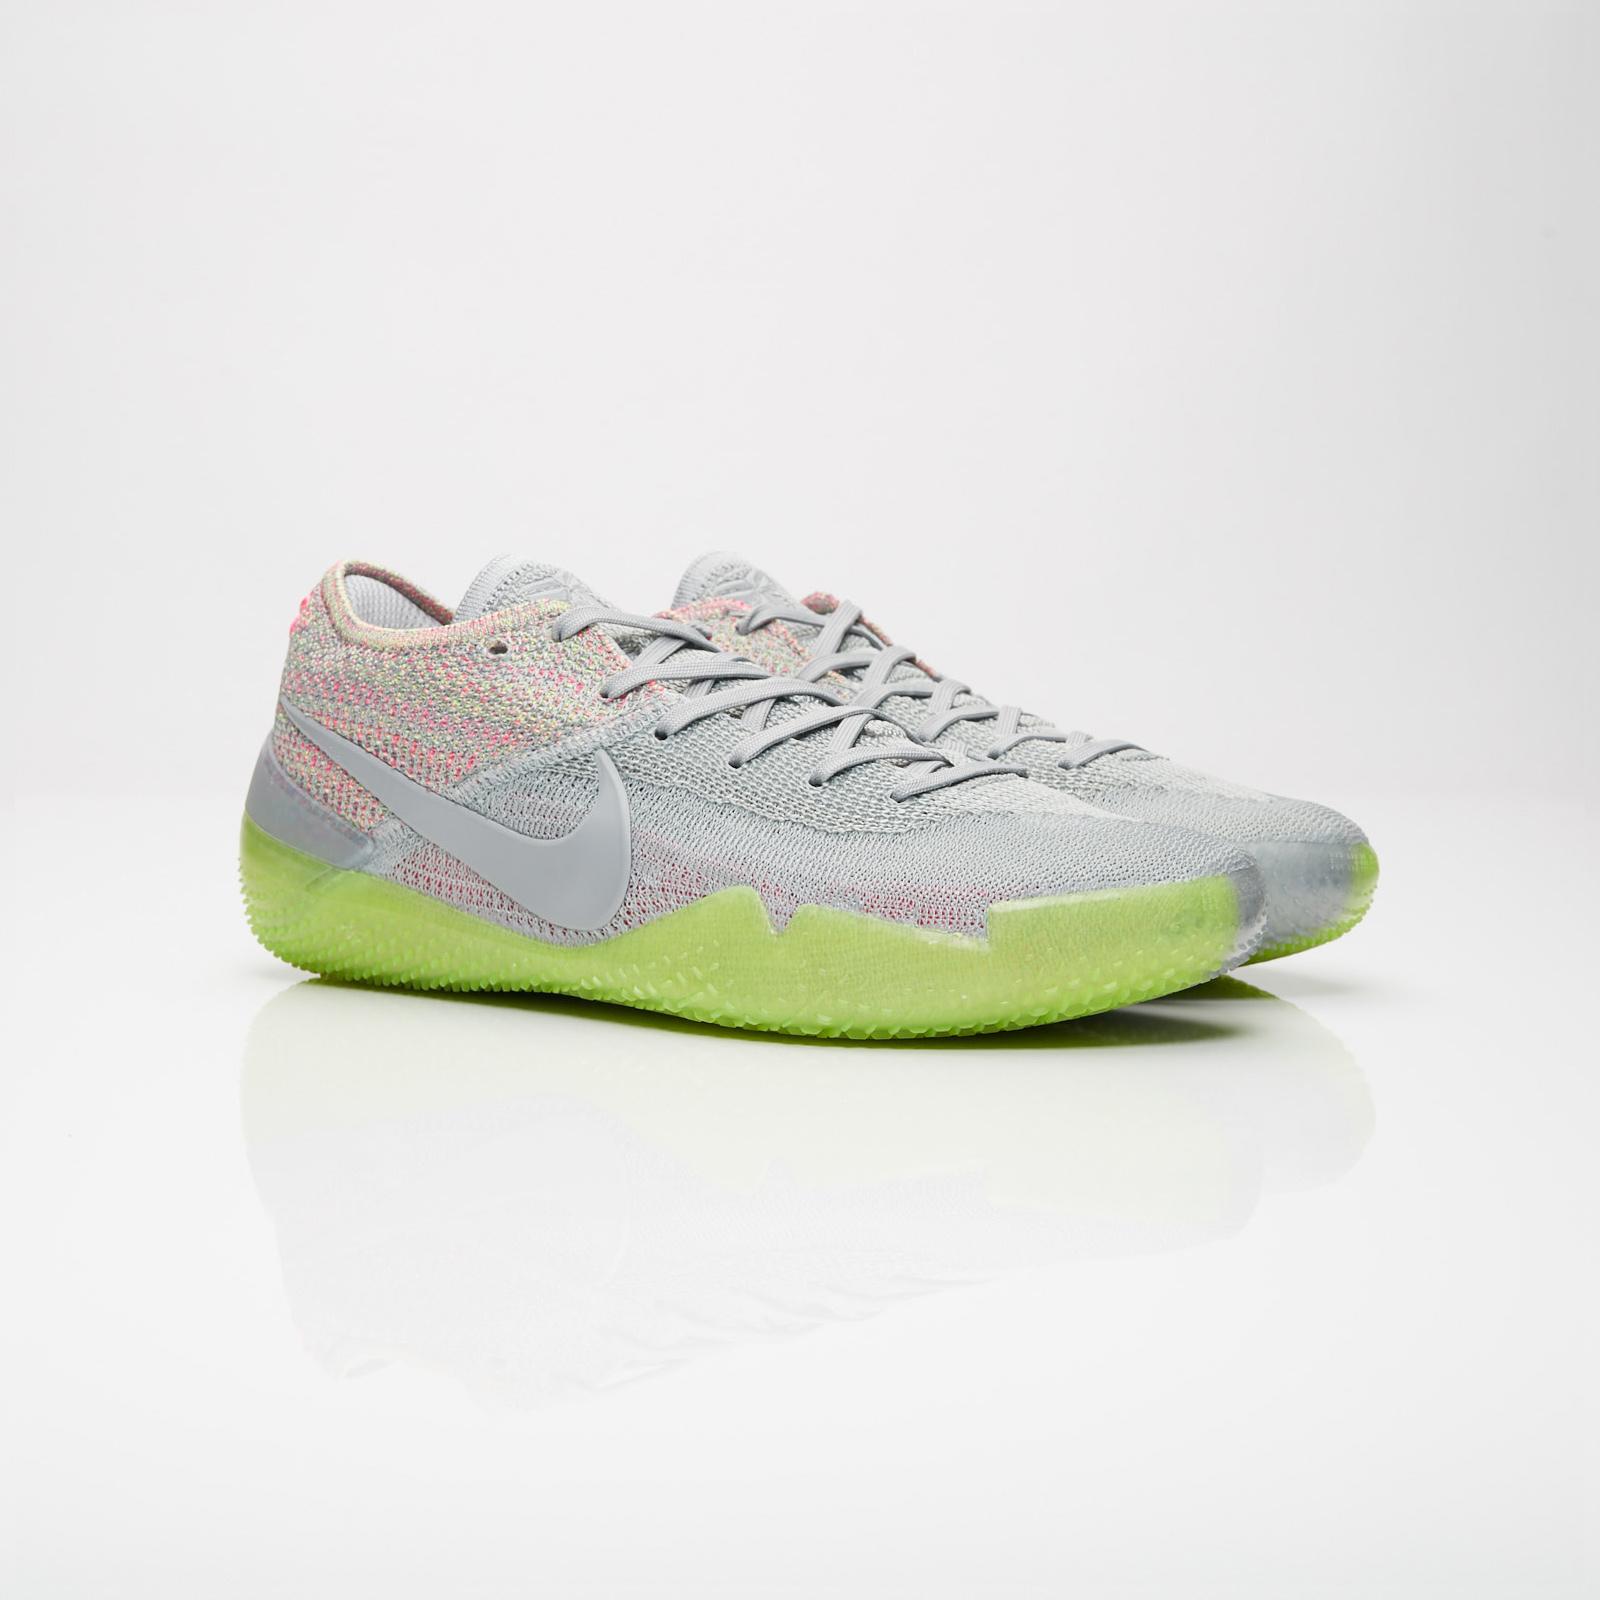 new style afd34 7f24f Nike Kobe AD Nxt 360 - Aq1087-003 - Sneakersnstuff ...